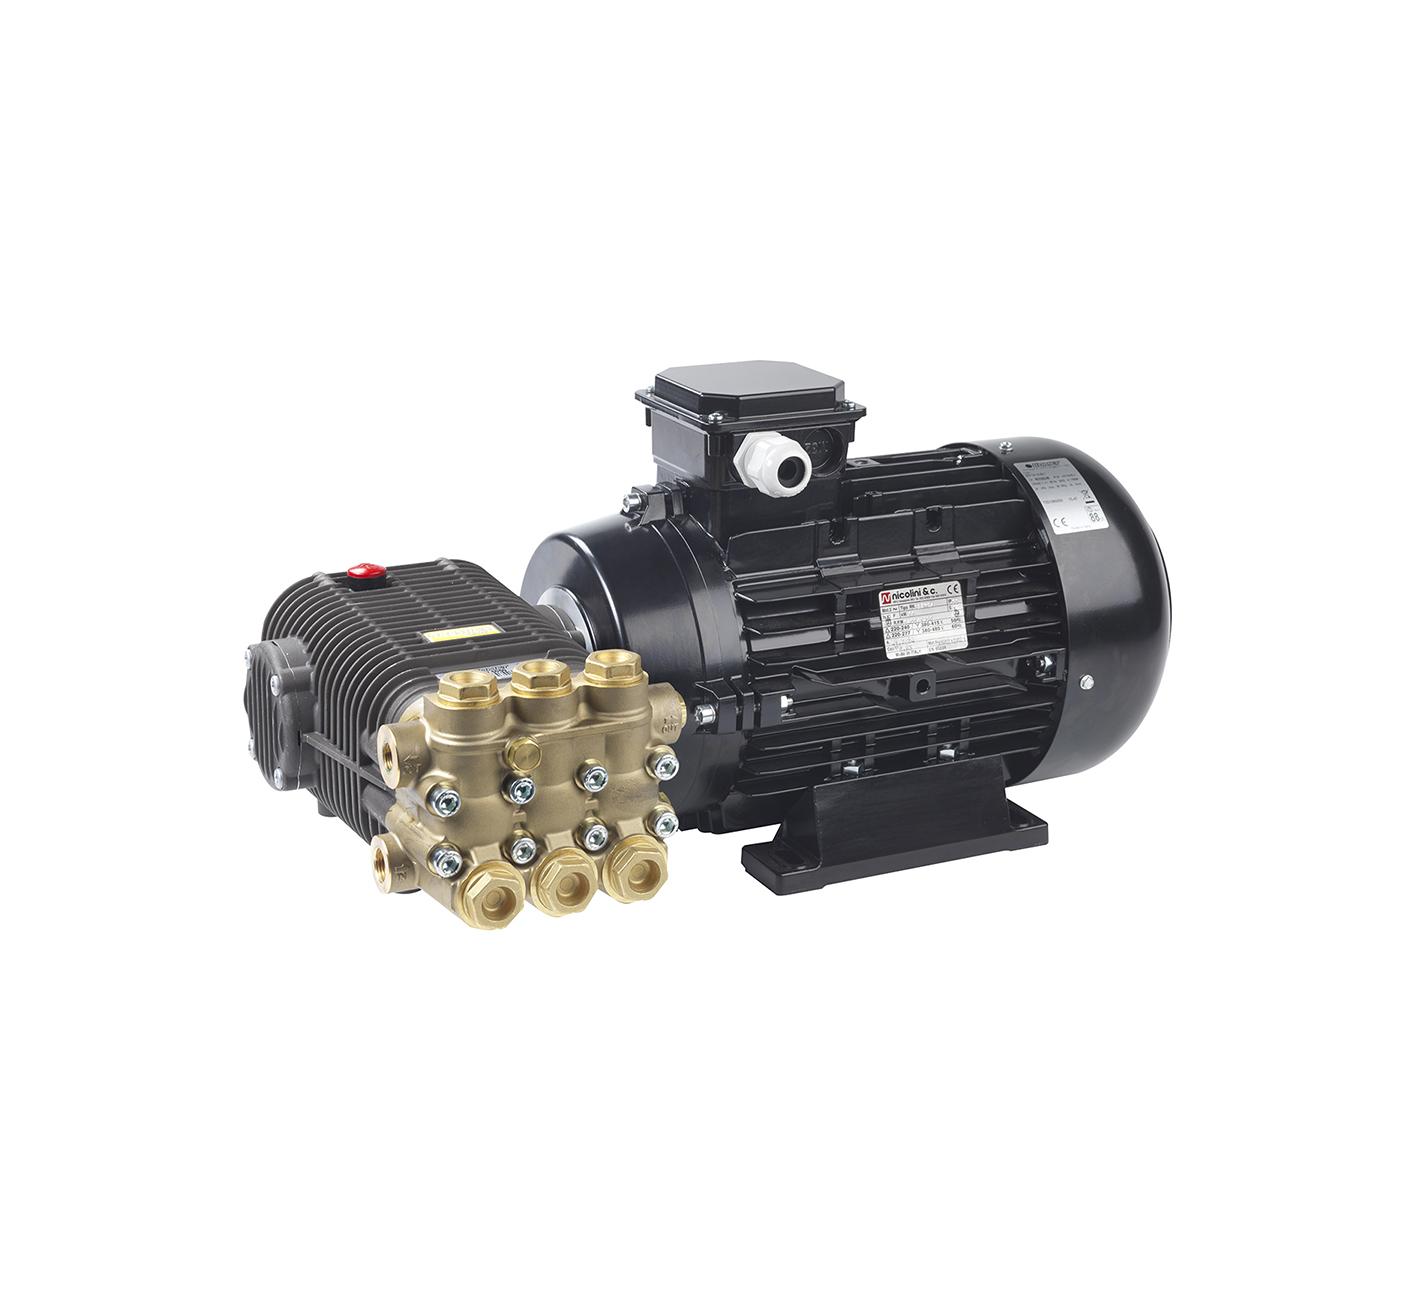 MTP TW Comet Industrial Pumps